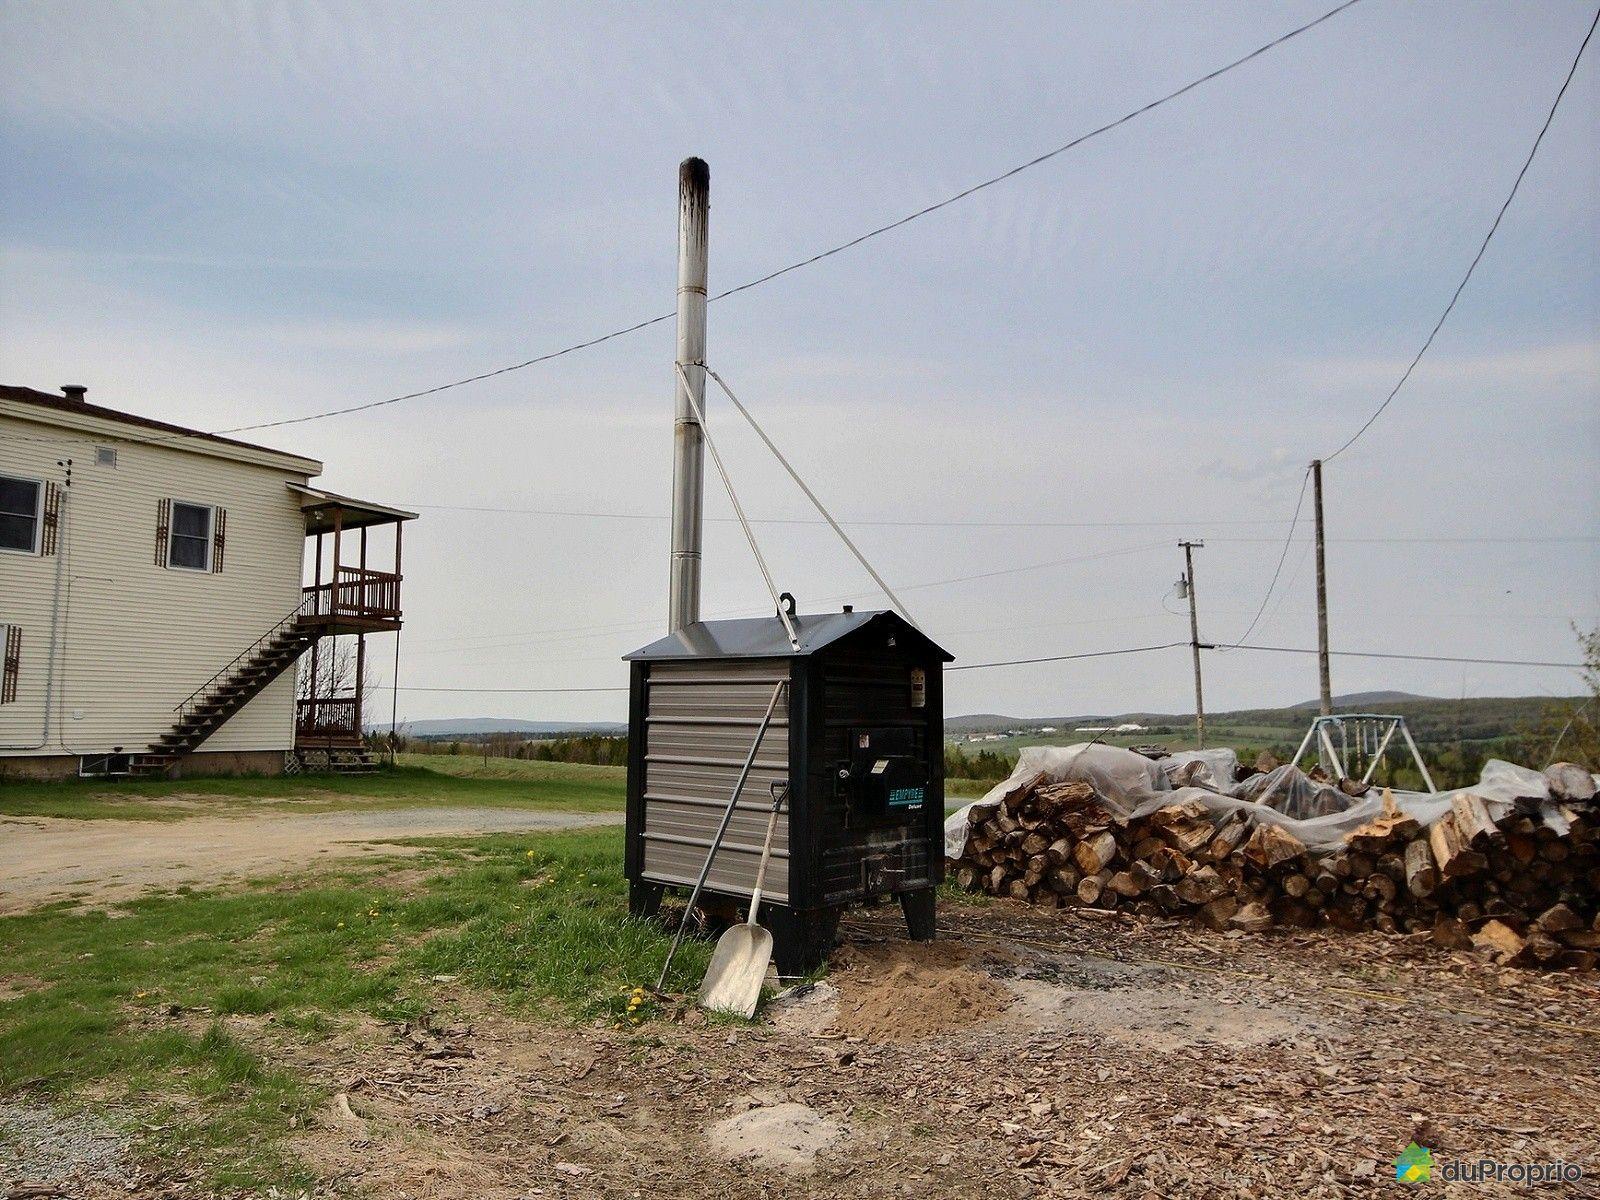 Fermette vendre wotton 138 6e rang immobilier qu bec for Fournaise au bois exterieur